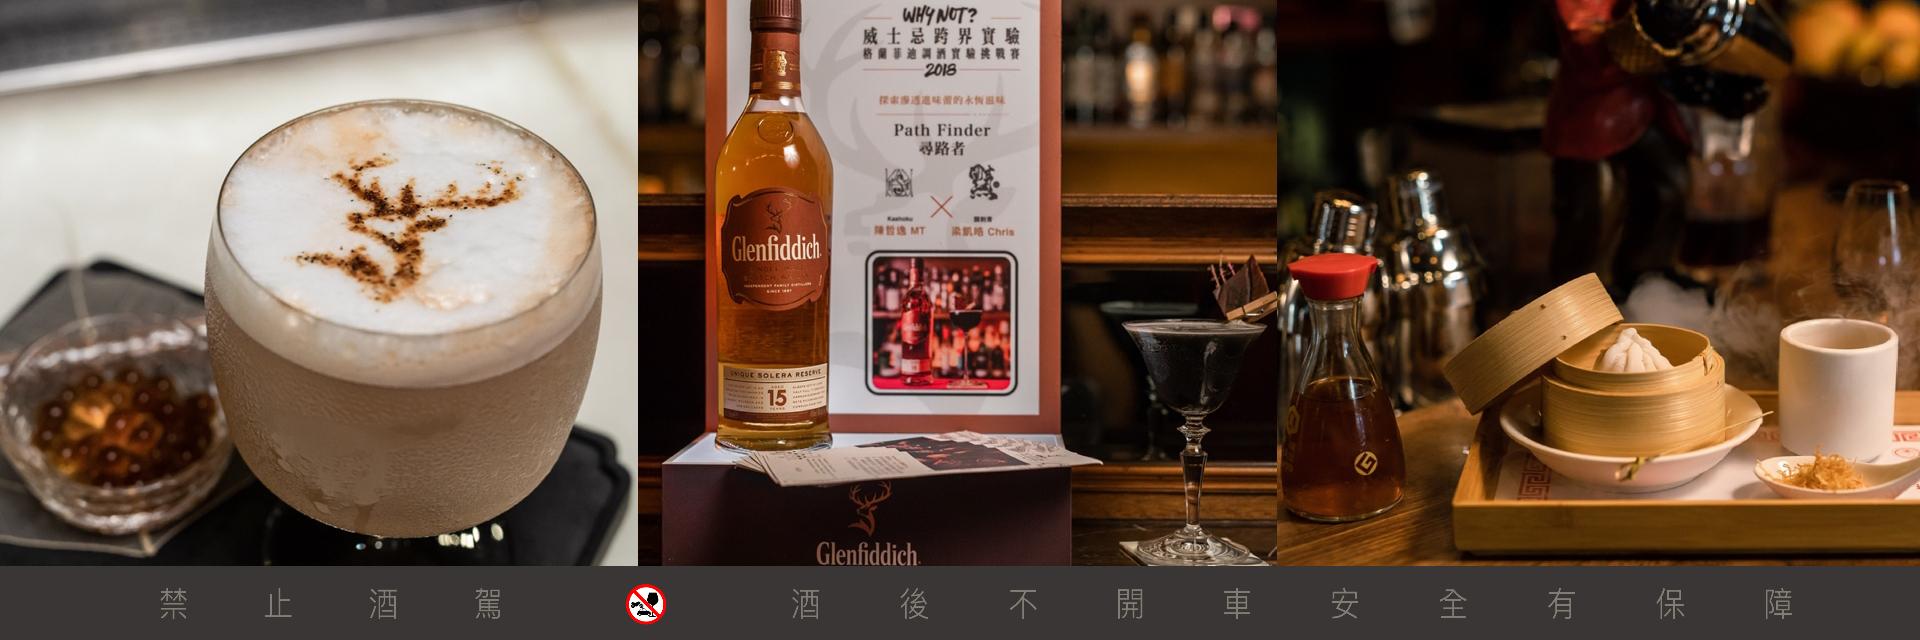 打破框架顛覆想像,格蘭菲迪調酒實驗挑戰賽,邀你一起『翻轉味蕾』!